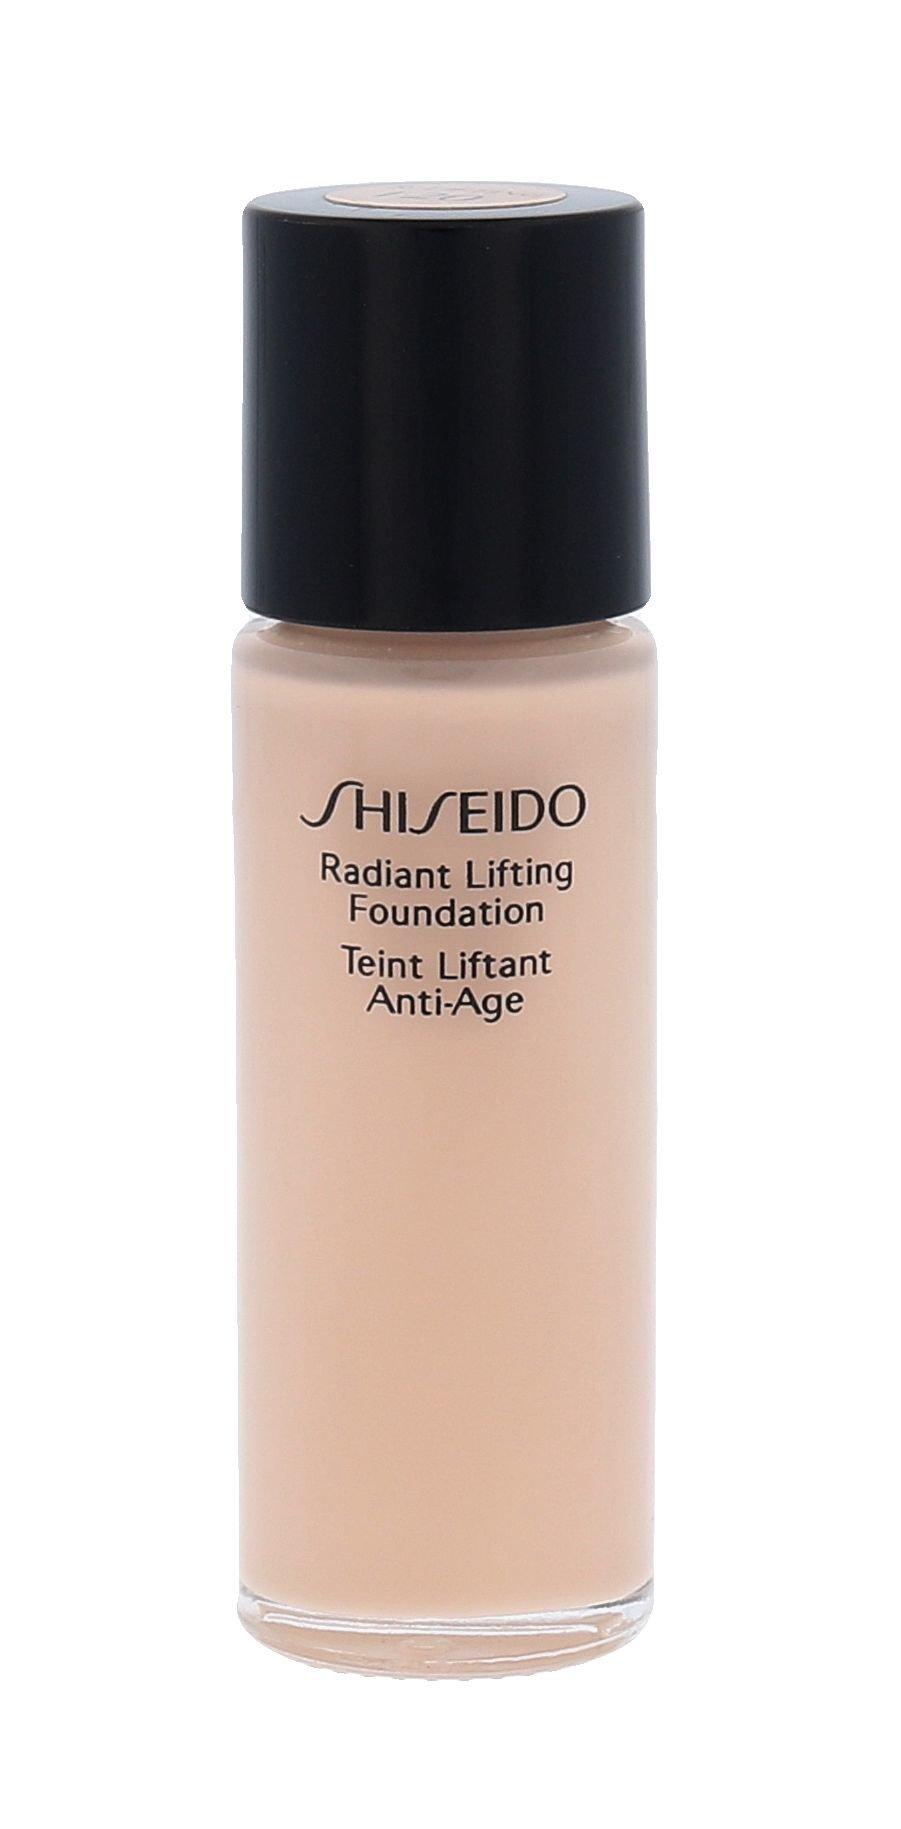 Shiseido Radiant Lifting Foundation Cosmetic 15ml I20 Natural Light Ivory